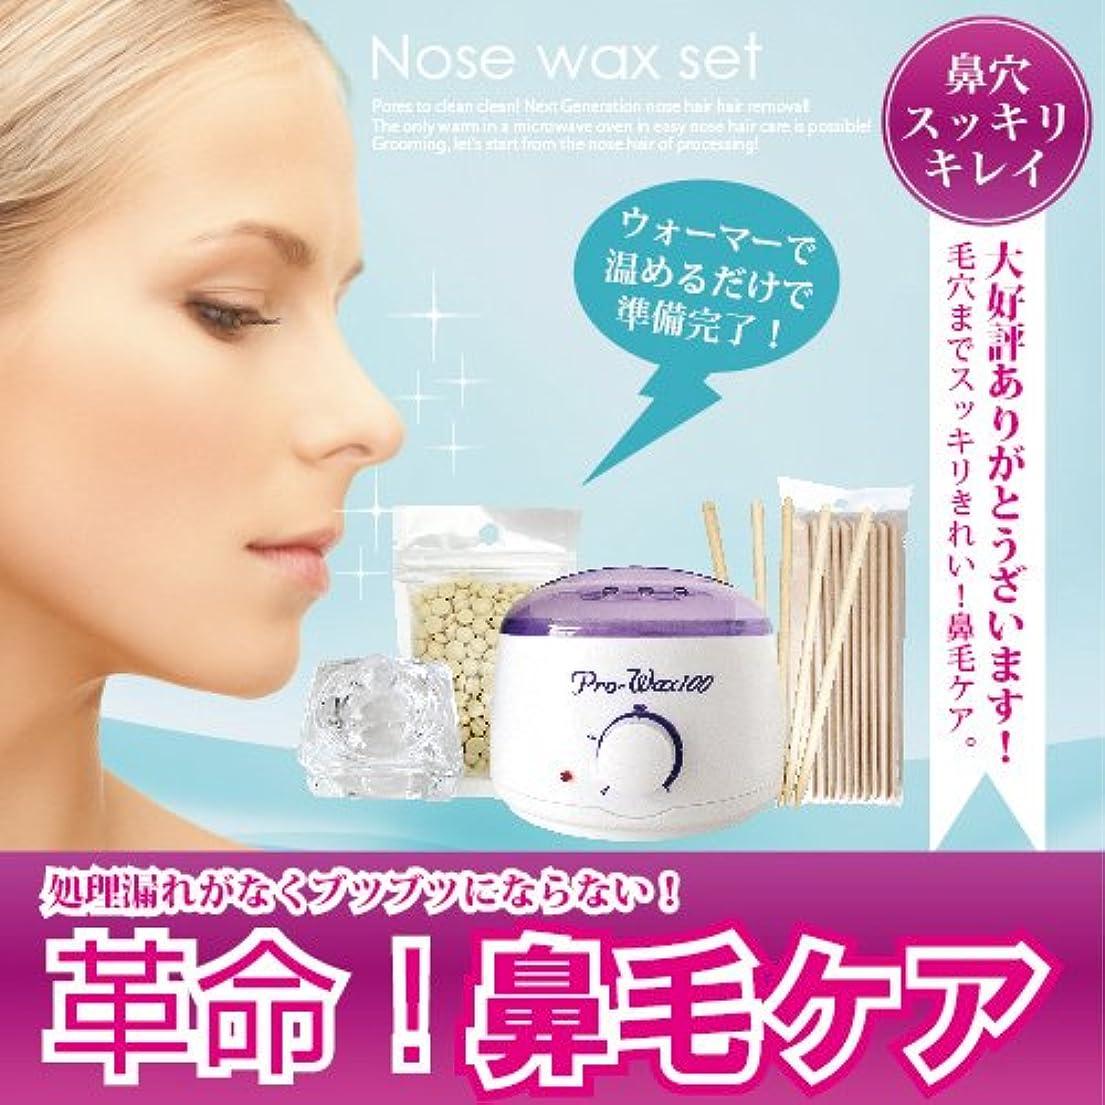 漏れピラミッドスマッシュブラジリアンワックス Nose wax setウォーマー付ノーズワックス鼻毛ケアセット(約12回分)